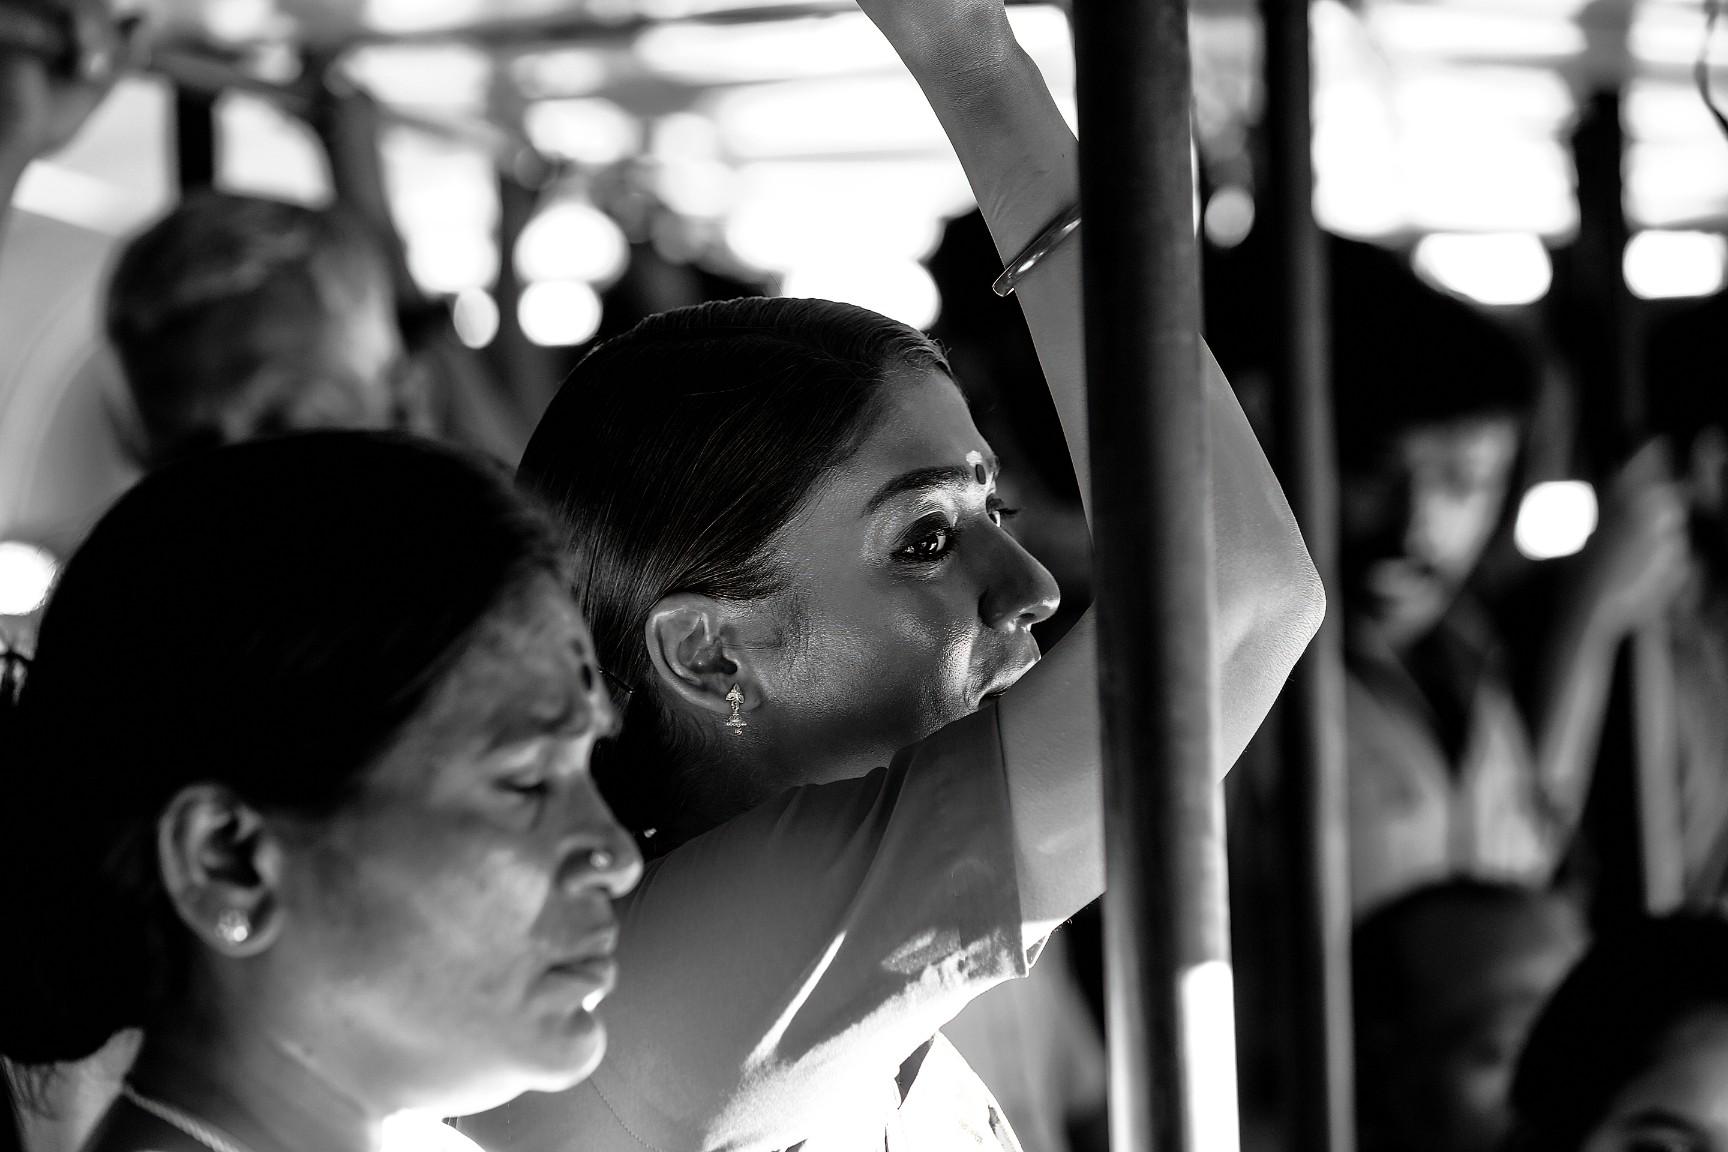 கறுப்புப் பேரழகியாக 'ஐரா' நயன்தாராவின் புகைப்படங்கள்!